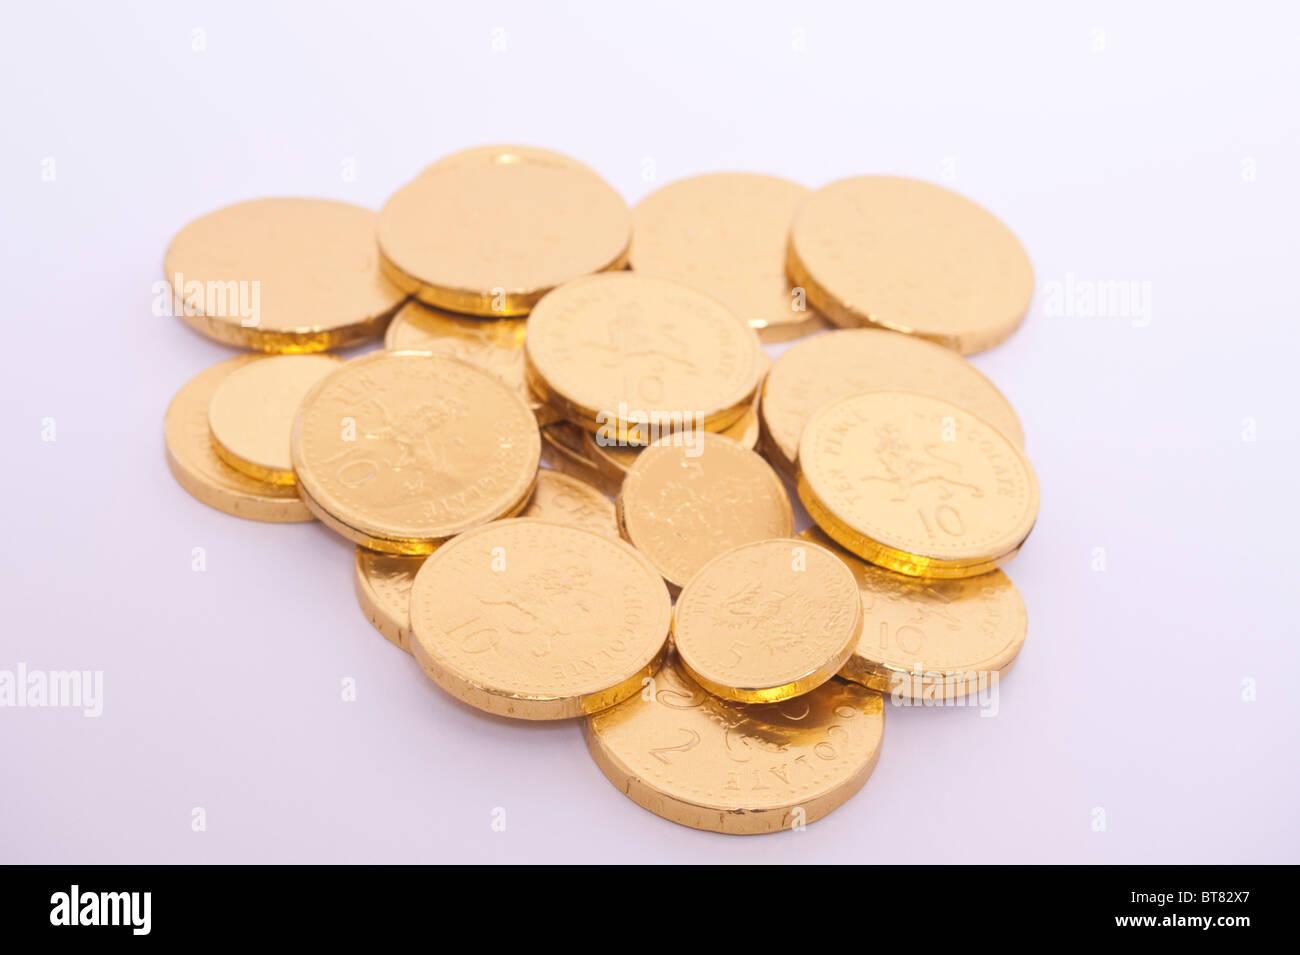 Eine Nahaufnahme Foto einige Goldmünzen Schokolade vor einem weißen Hintergrund Stockbild